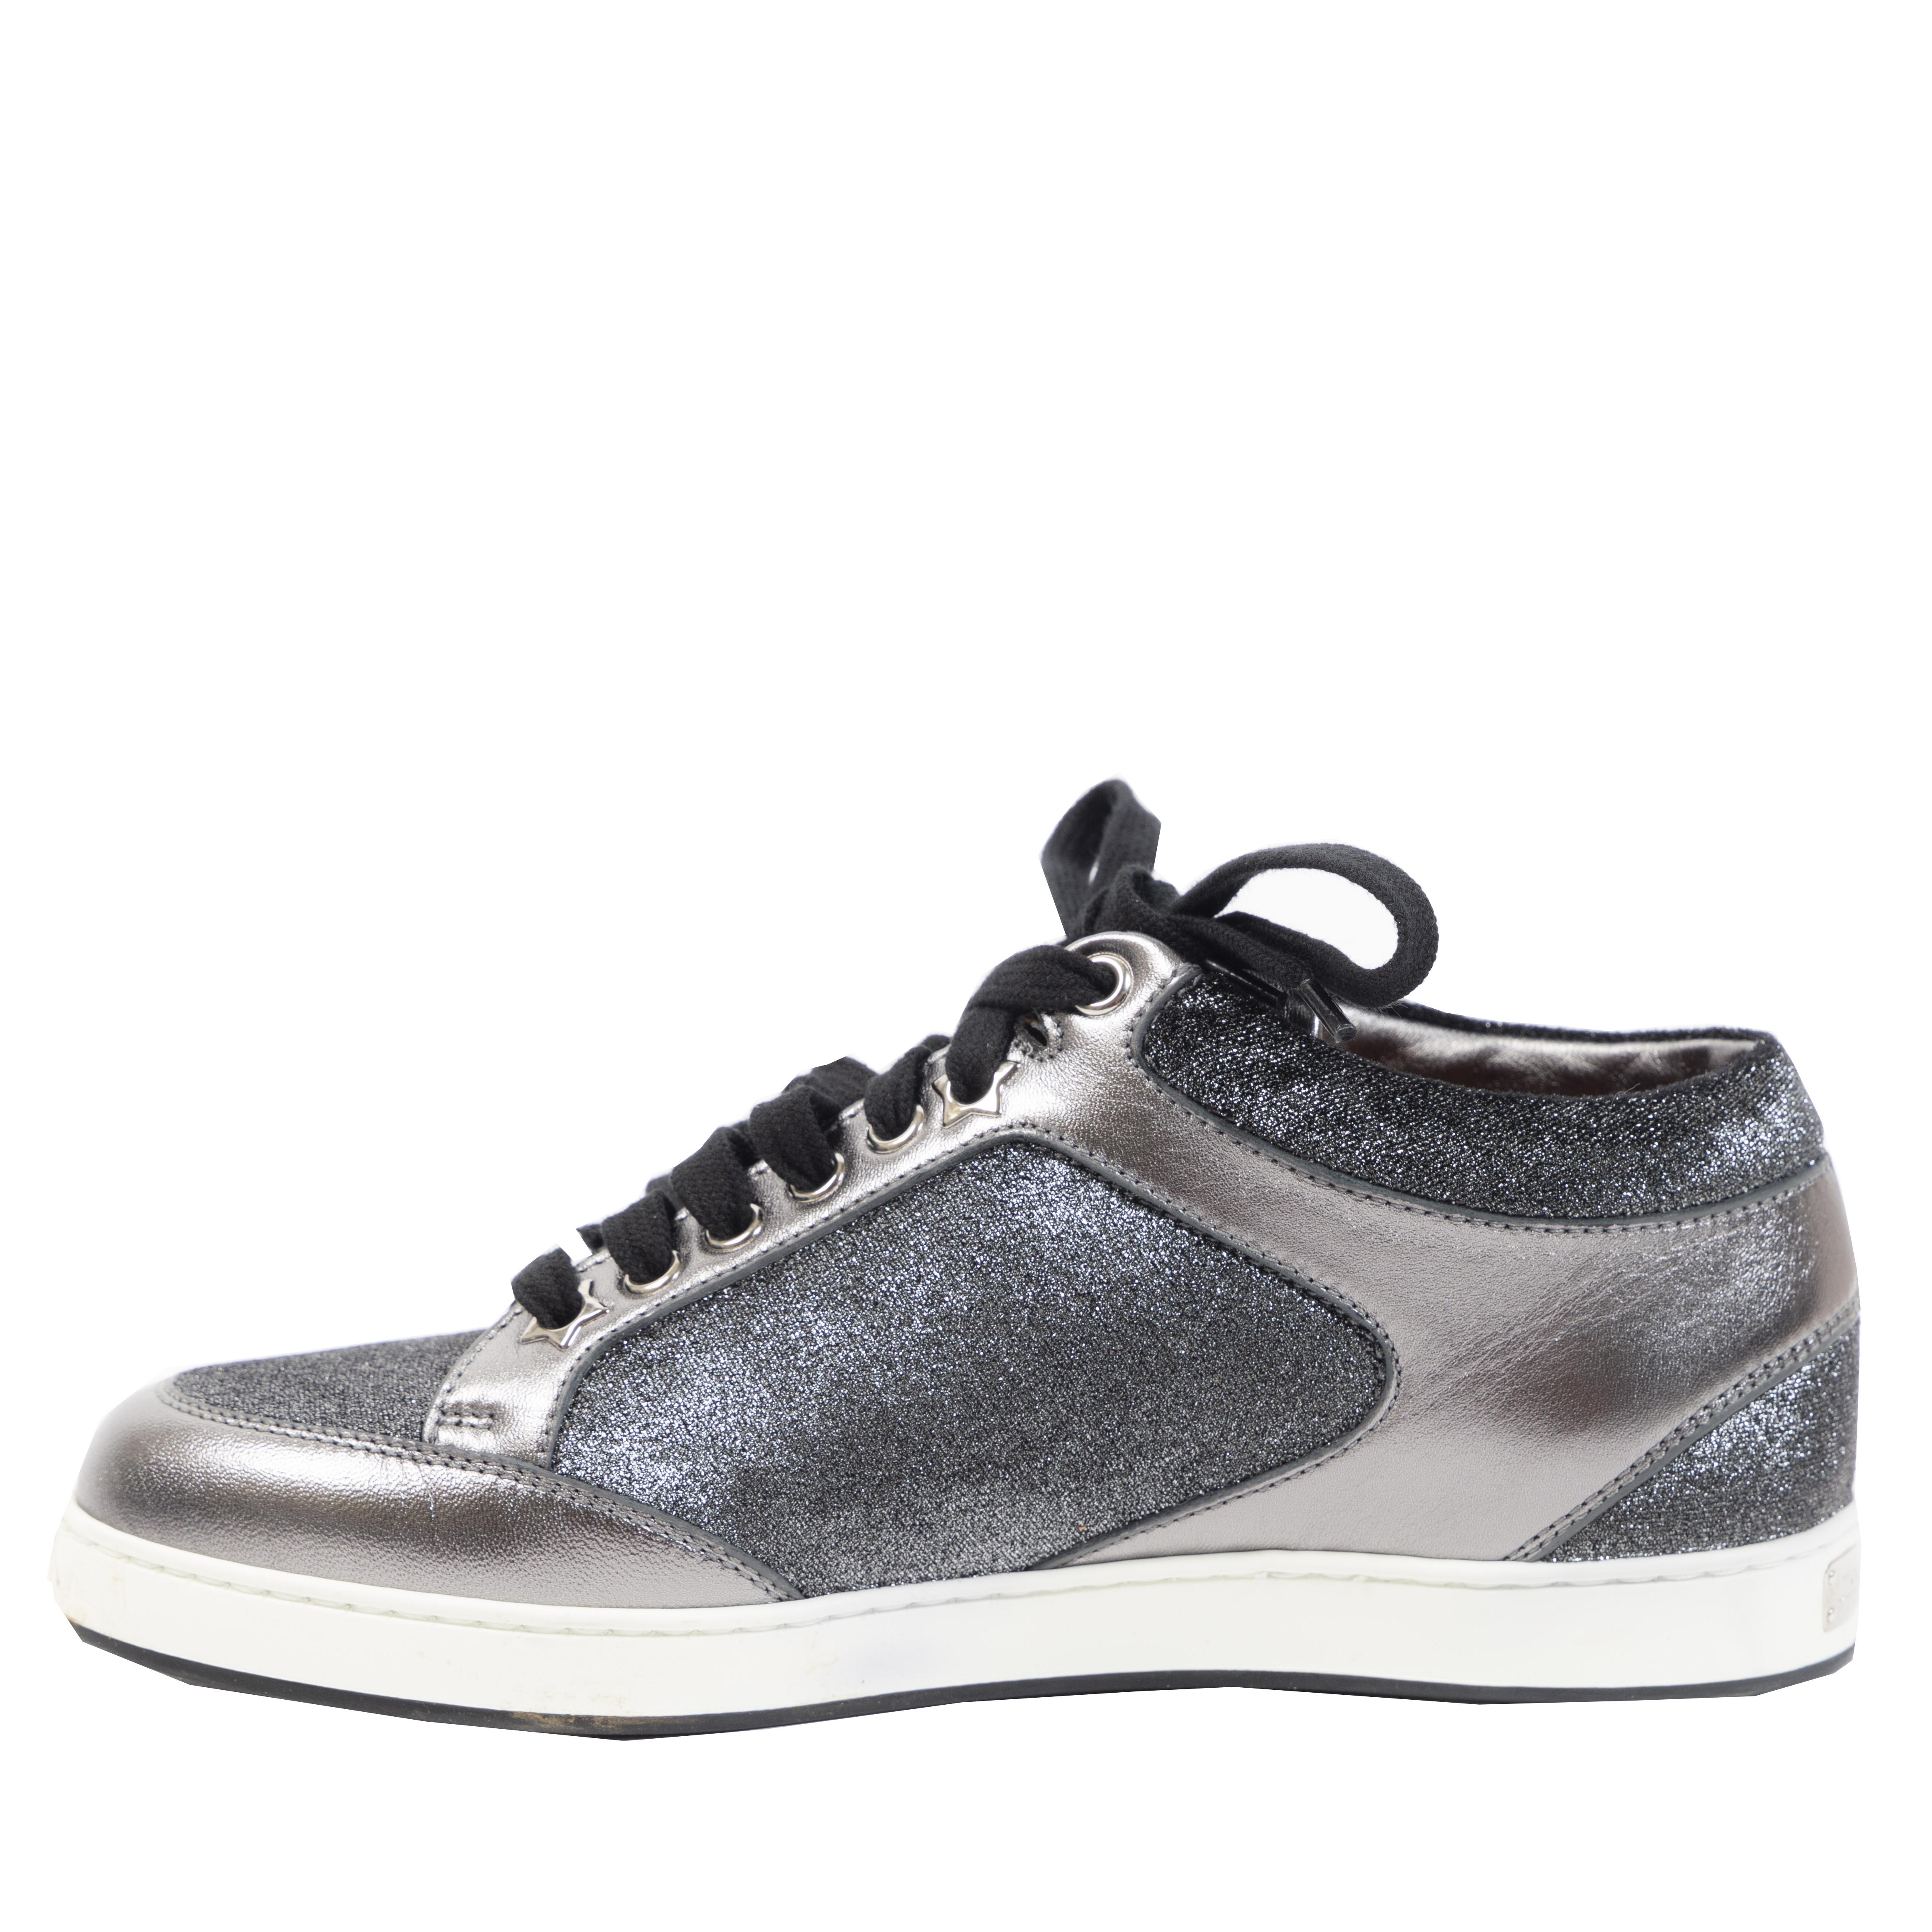 Authentieke Tweedehands Jimmy Choo Anthracite Grey Silver Miami Sneakers juiste prijs veilig online shoppen luxe merken webshop winkelen Antwerpen België mode fashion